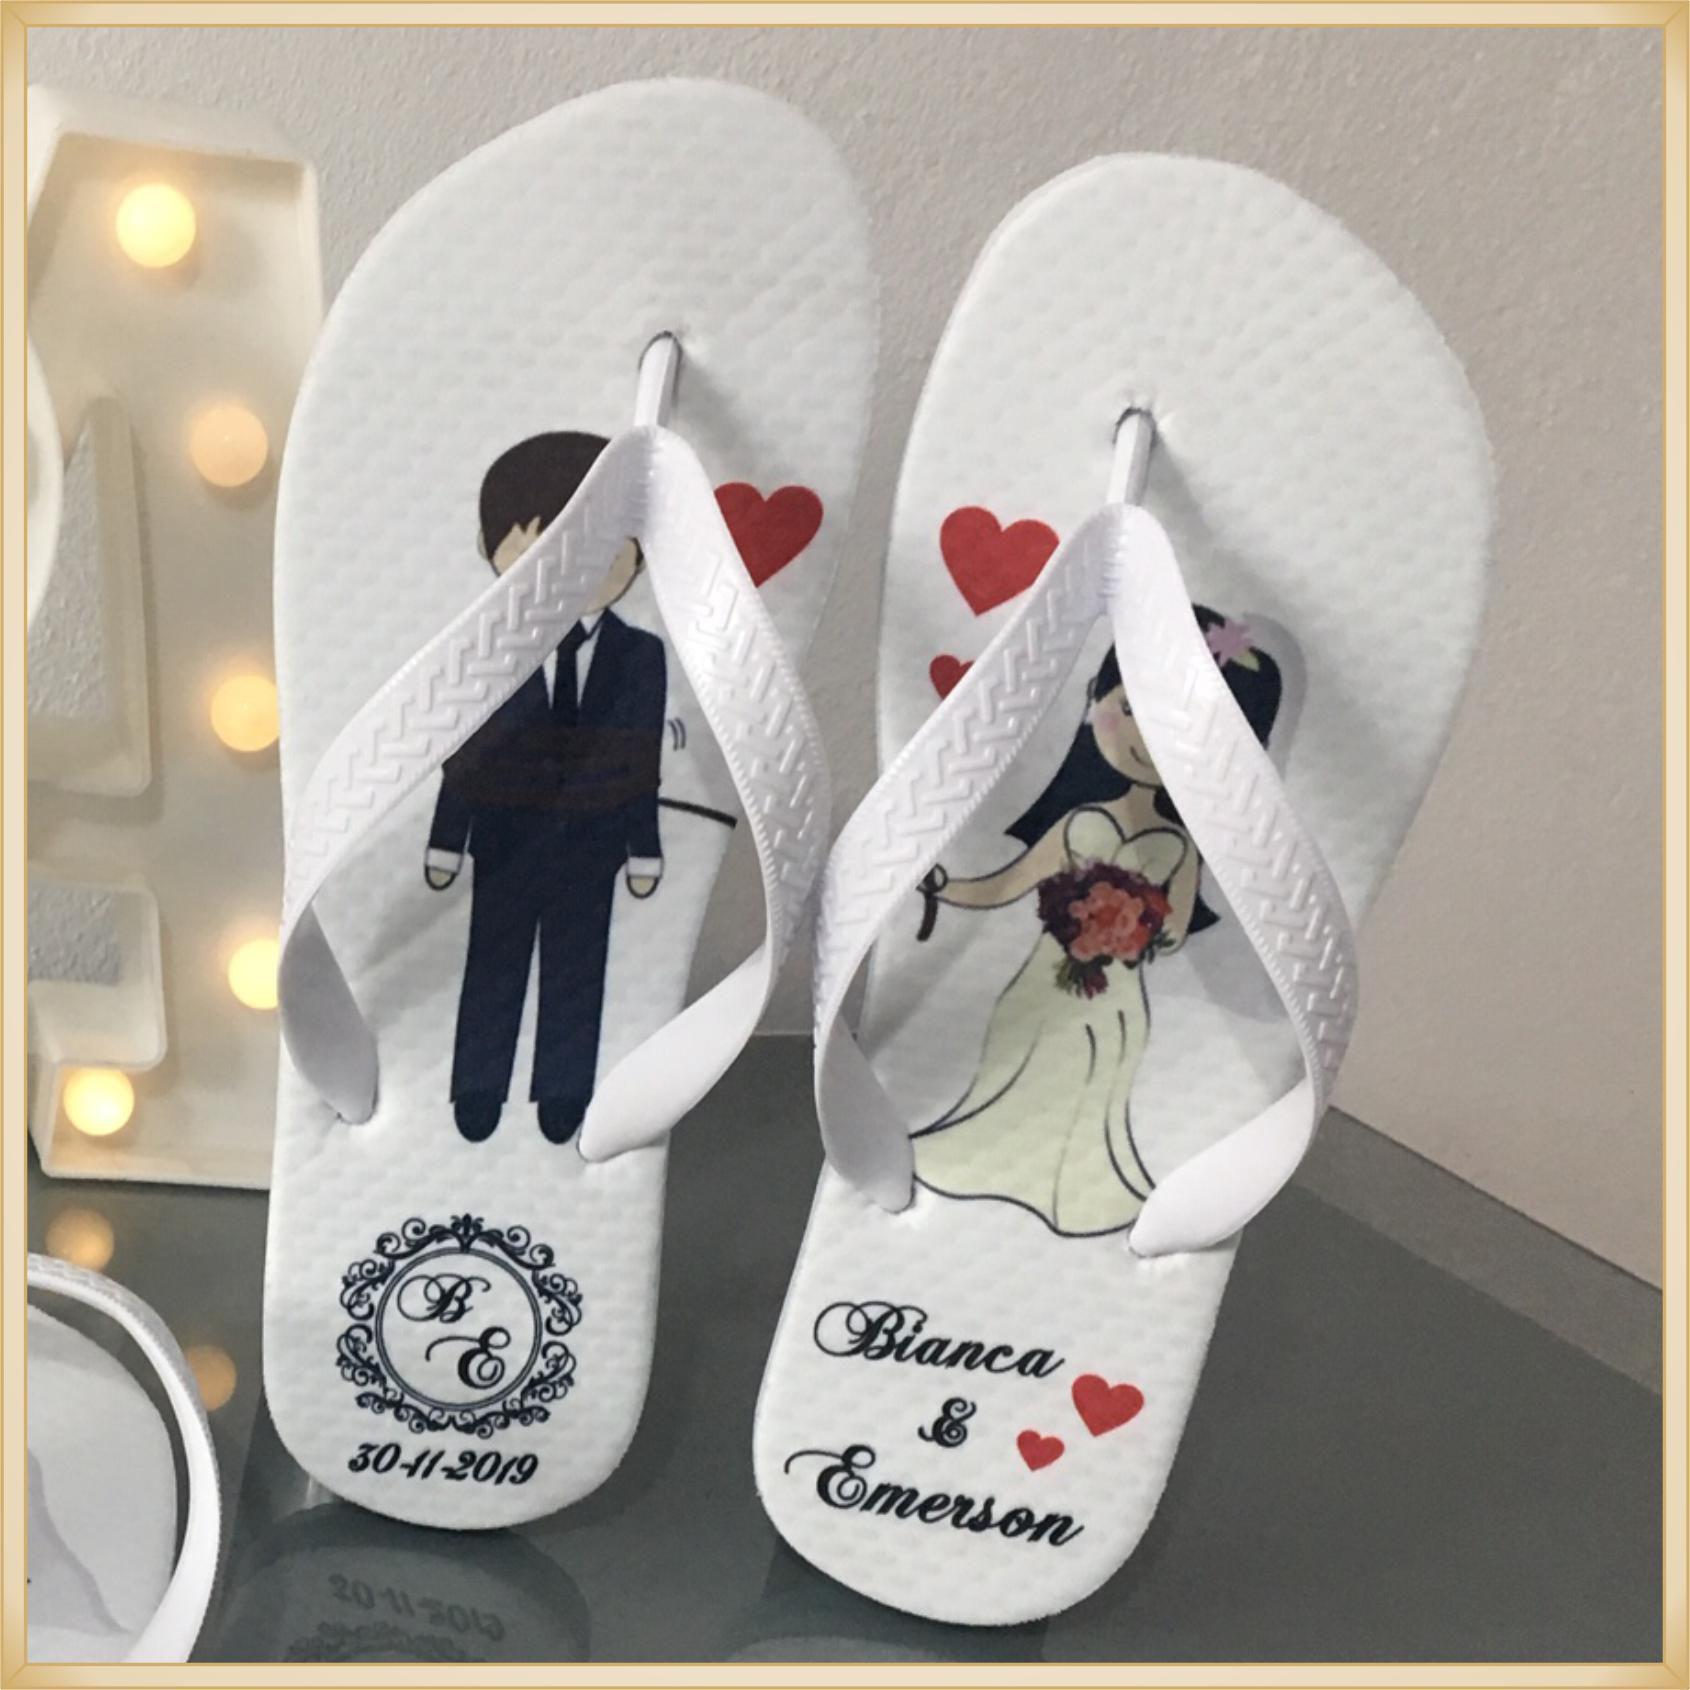 Chinelos personalizado de Casamento - solado confortável, correia sem rebarba, estampa de qualidade, cores super vivas, ótimo acabamento - kit 20 unid